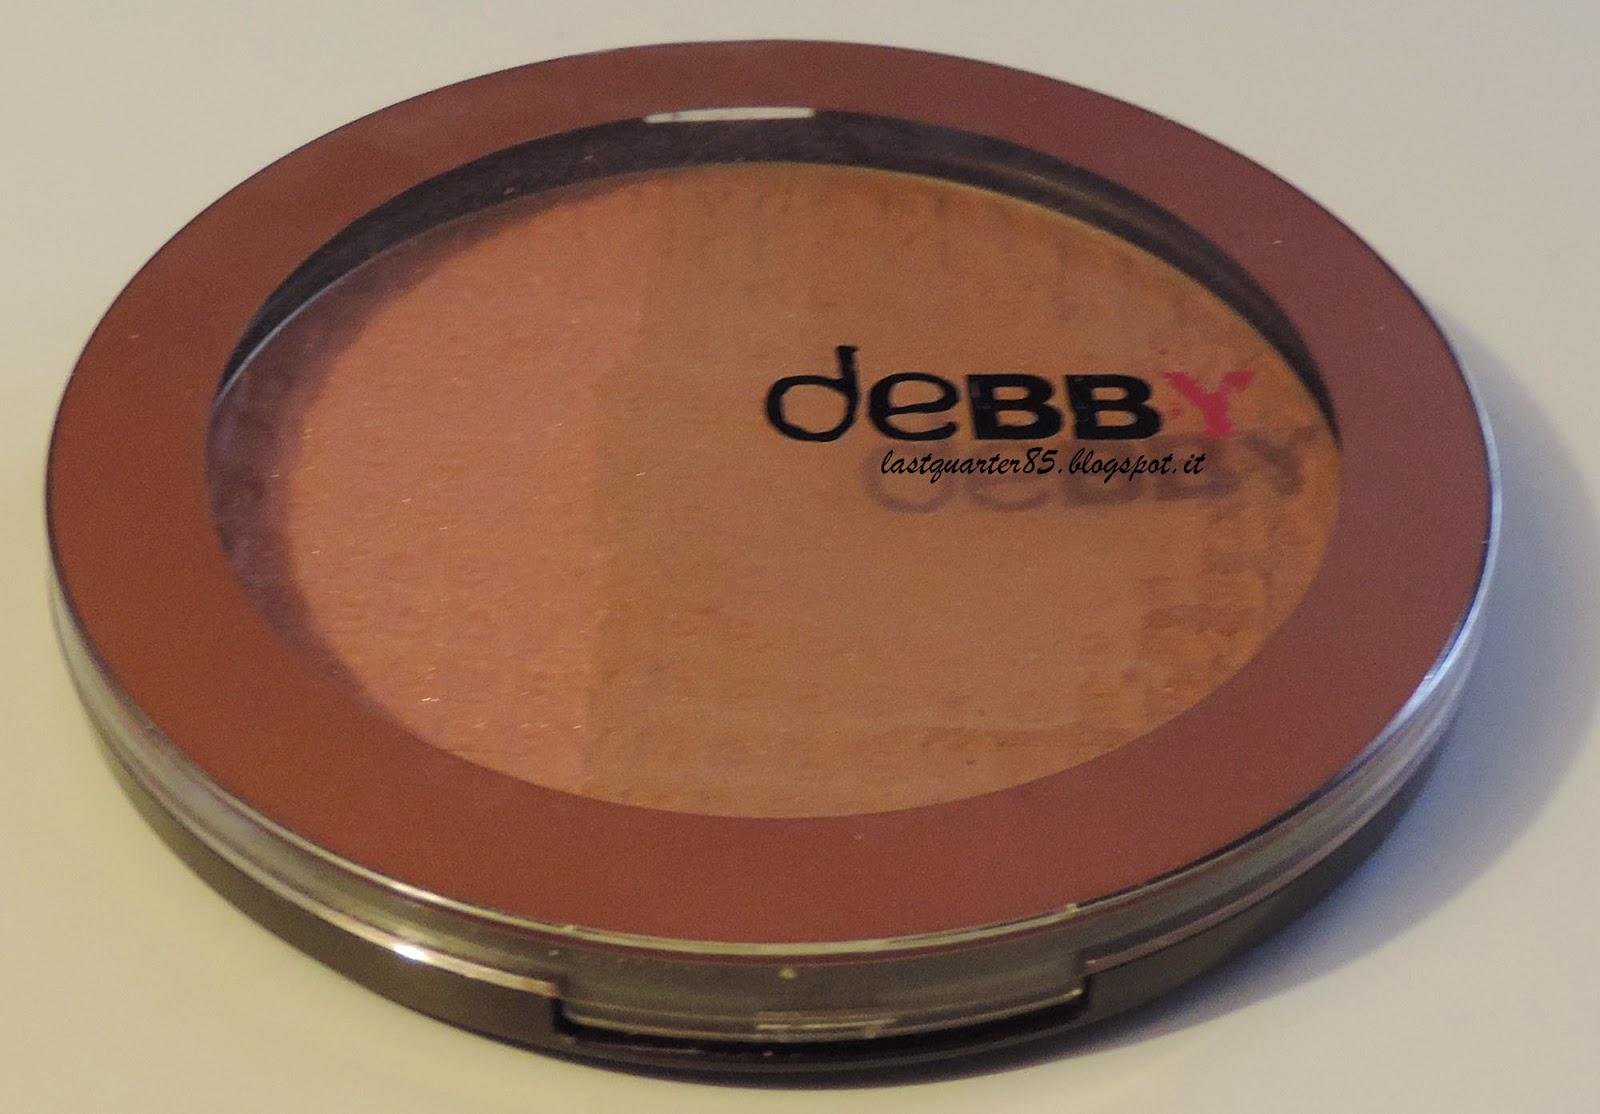 Debby maxiSUN Duo 08.